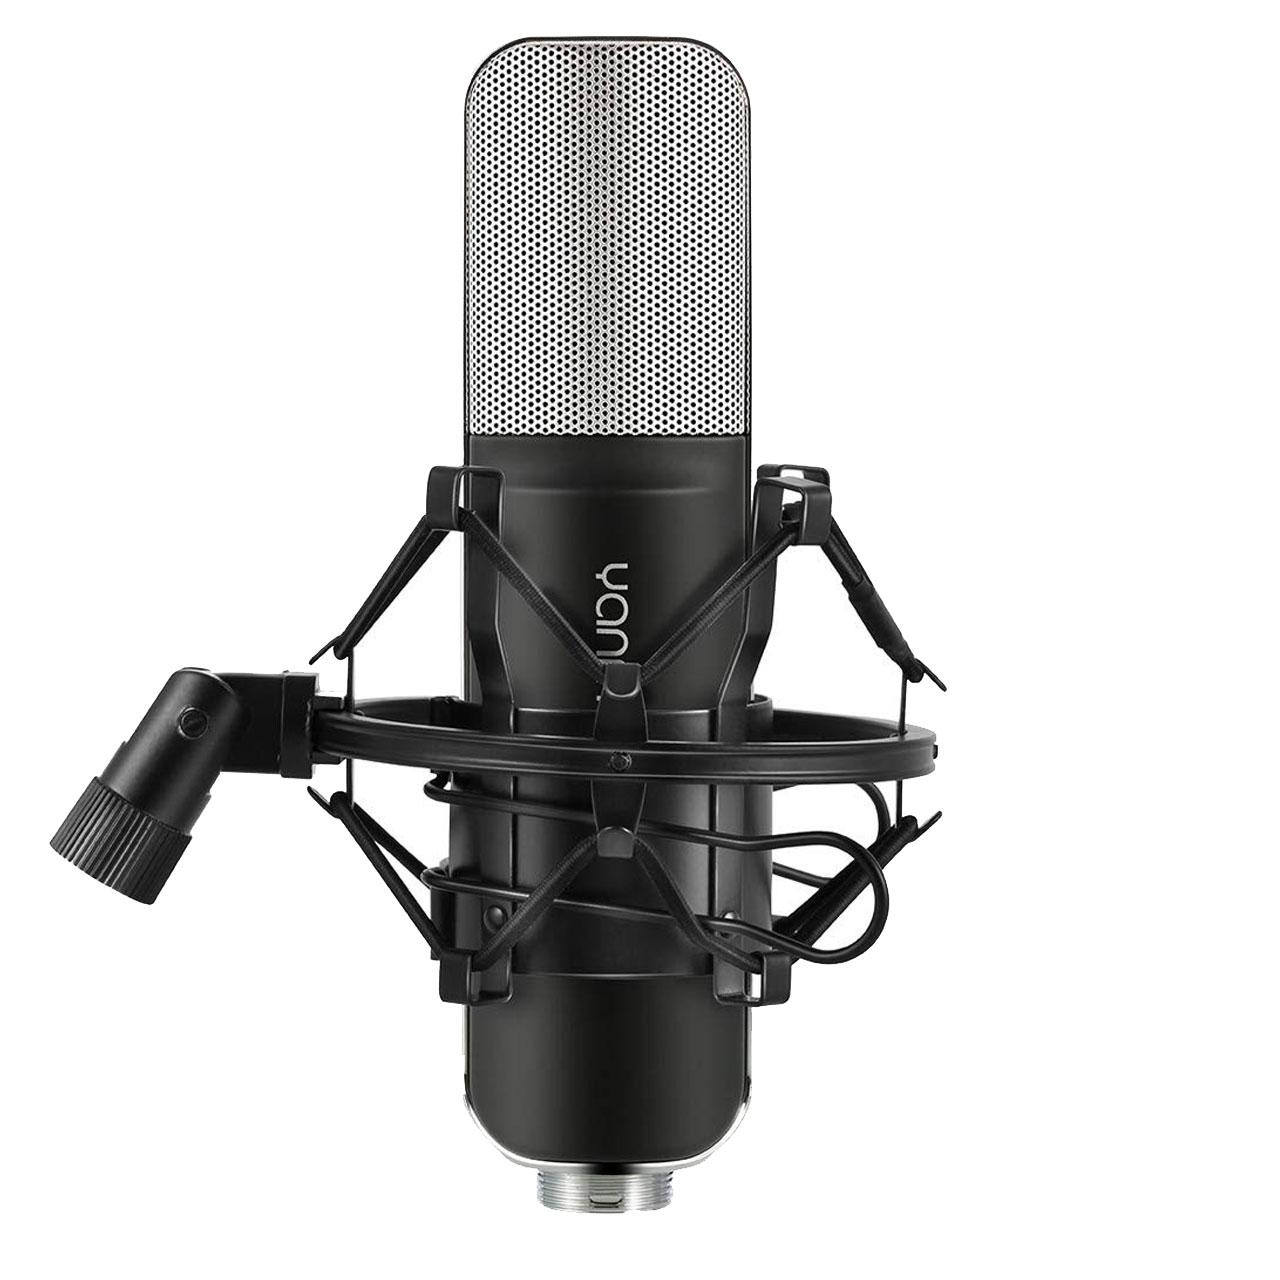 میکروفن استودیویی یانمای مدل Q8